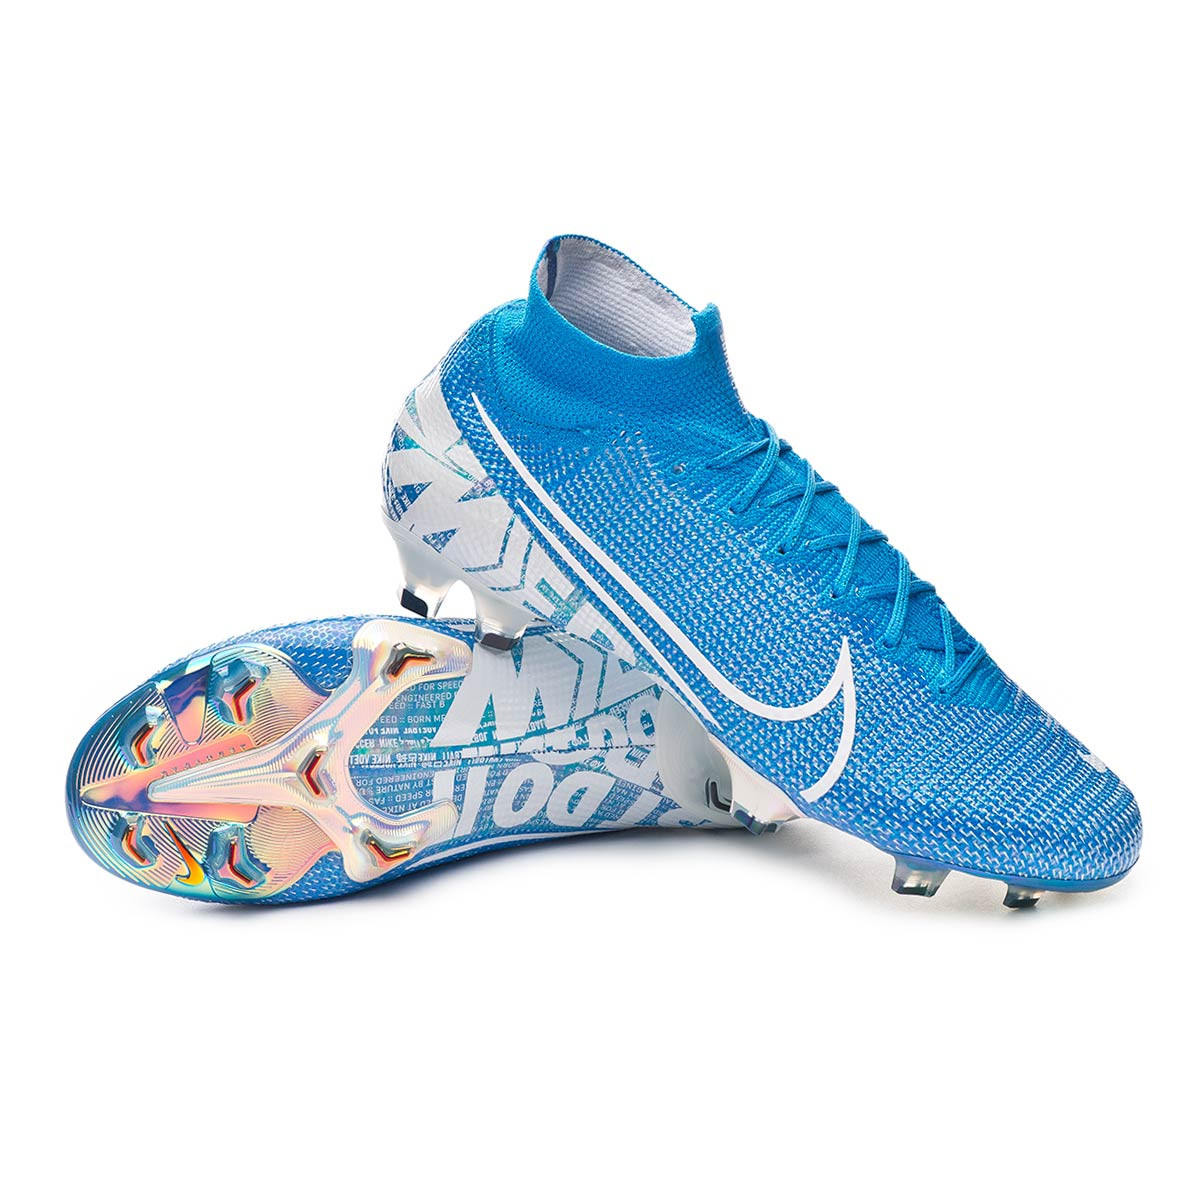 Mejorar Glosario Estimar  Zapatos de fútbol Nike Mercurial Superfly VII Elite FG Blue  hero-White-Volt-Obsidian - Tienda de fútbol Fútbol Emotion